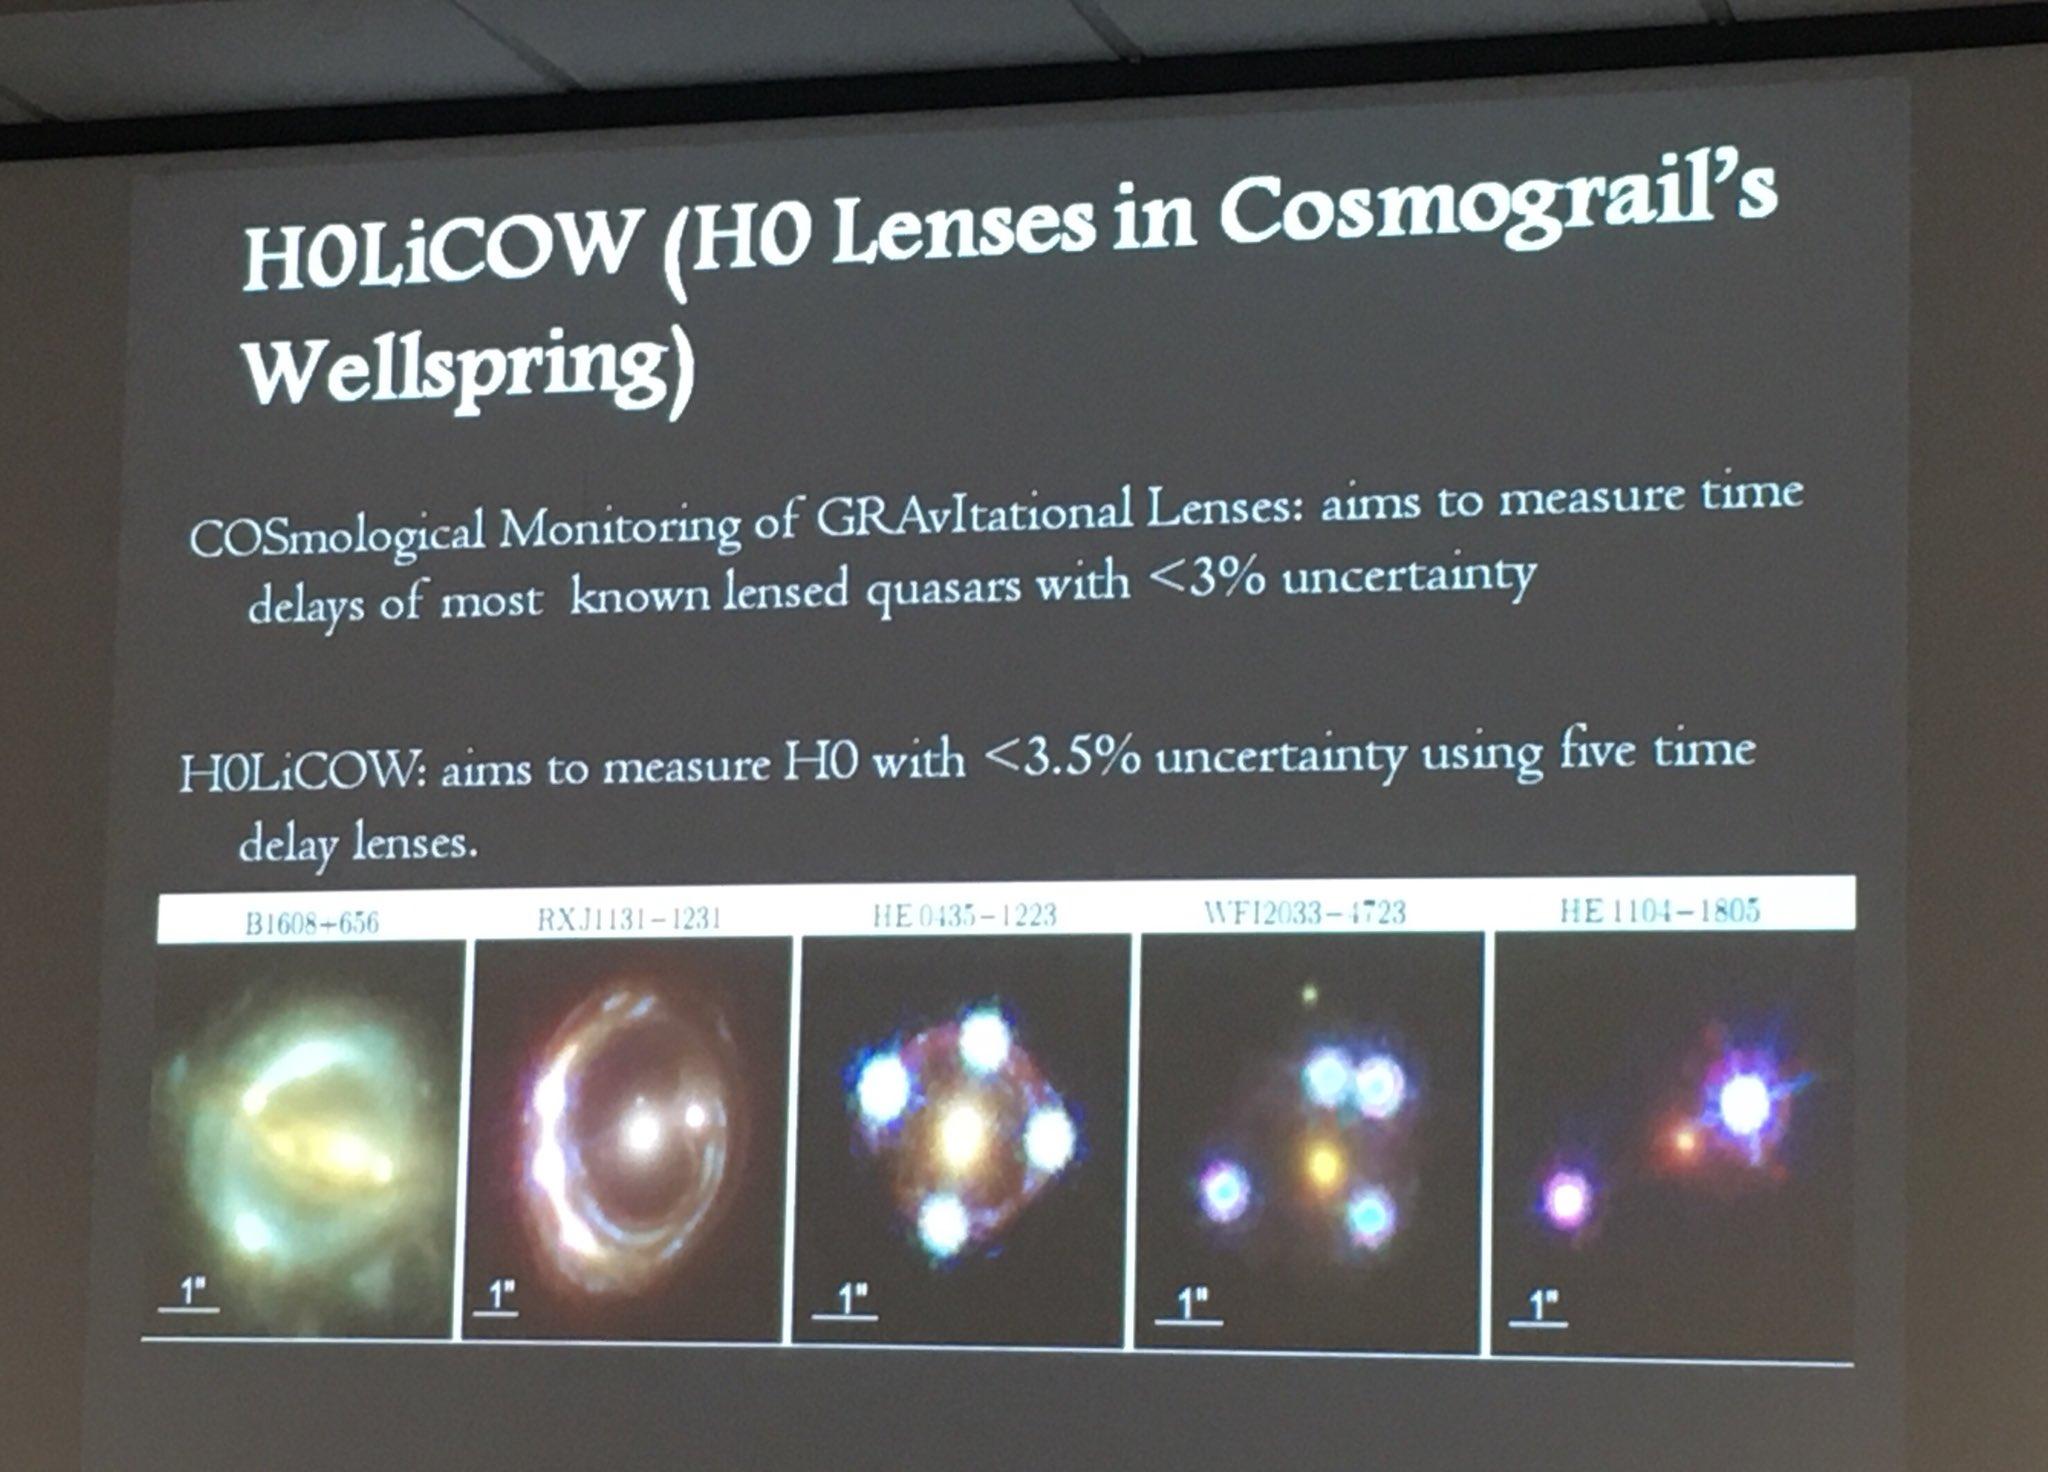 「holicow quasar」的圖片搜尋結果